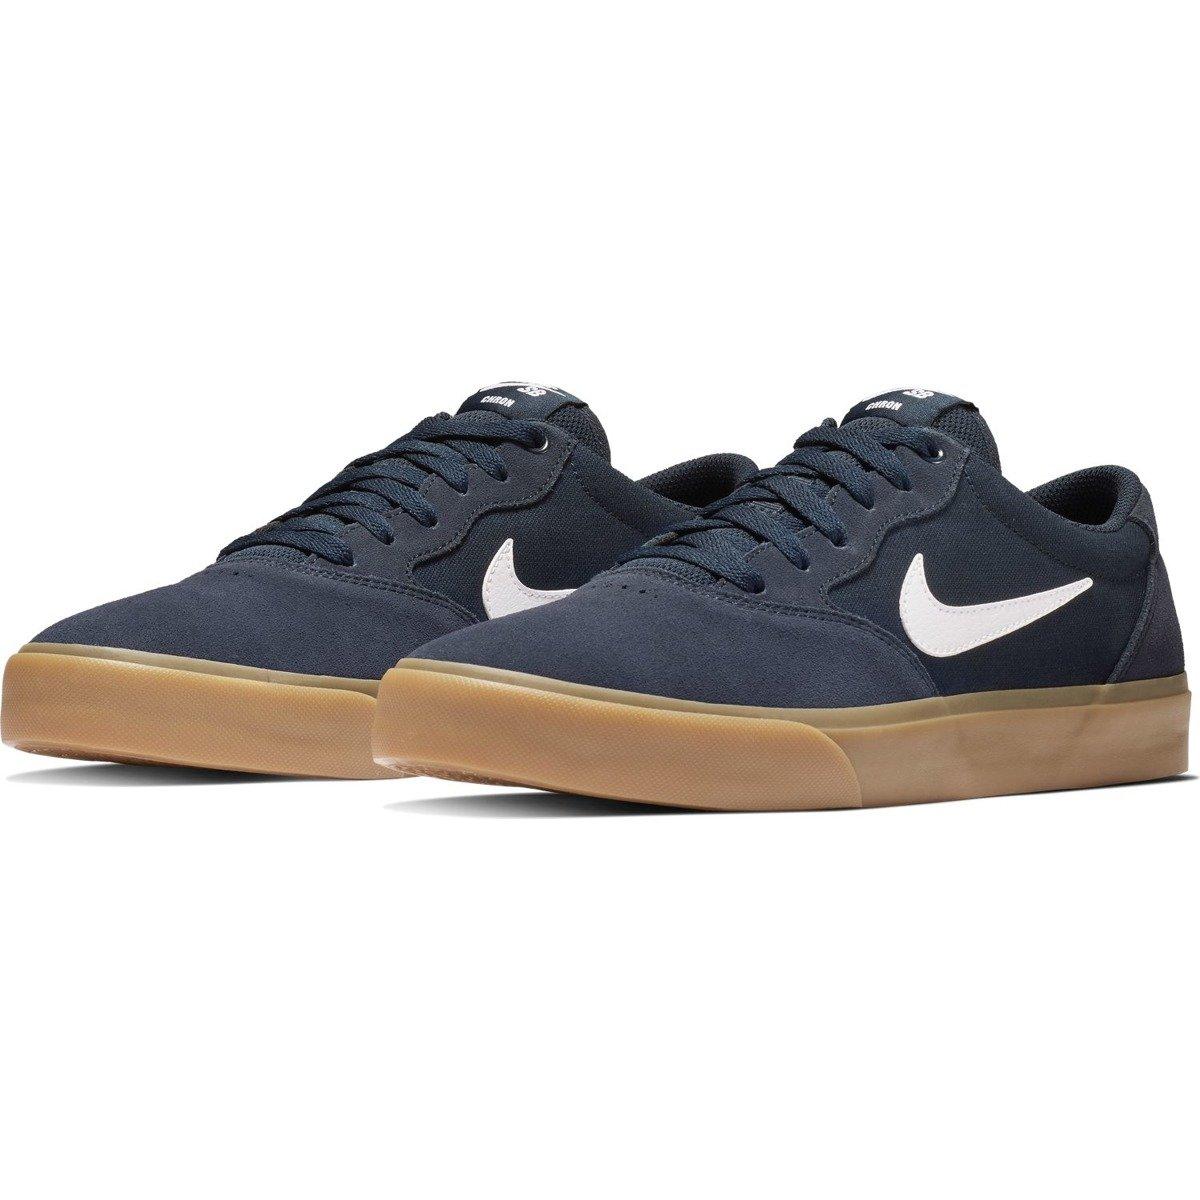 new styles 89e8e ab02c ... Buty Nike Sb Chron Slr Obsidian white Kliknij, aby powiększyć ...